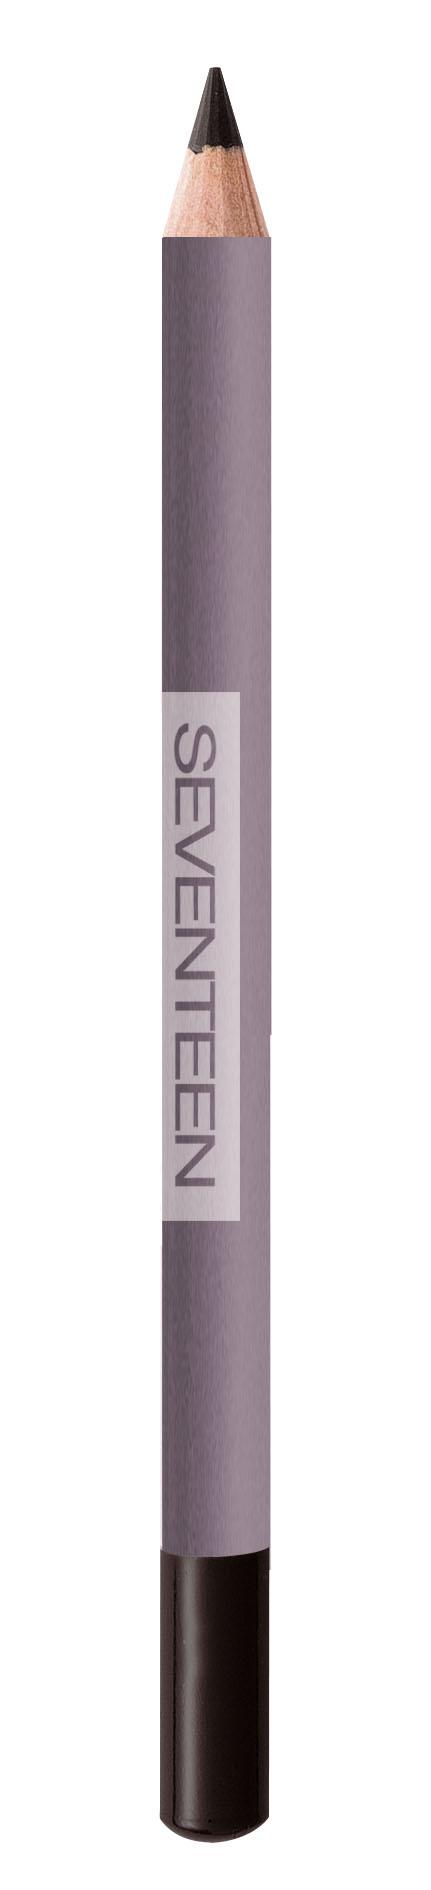 SEVENTEEN Карандаш устойчивый для век, 11 древесный / LONGSTAY EYE SHAPER 1,14 г